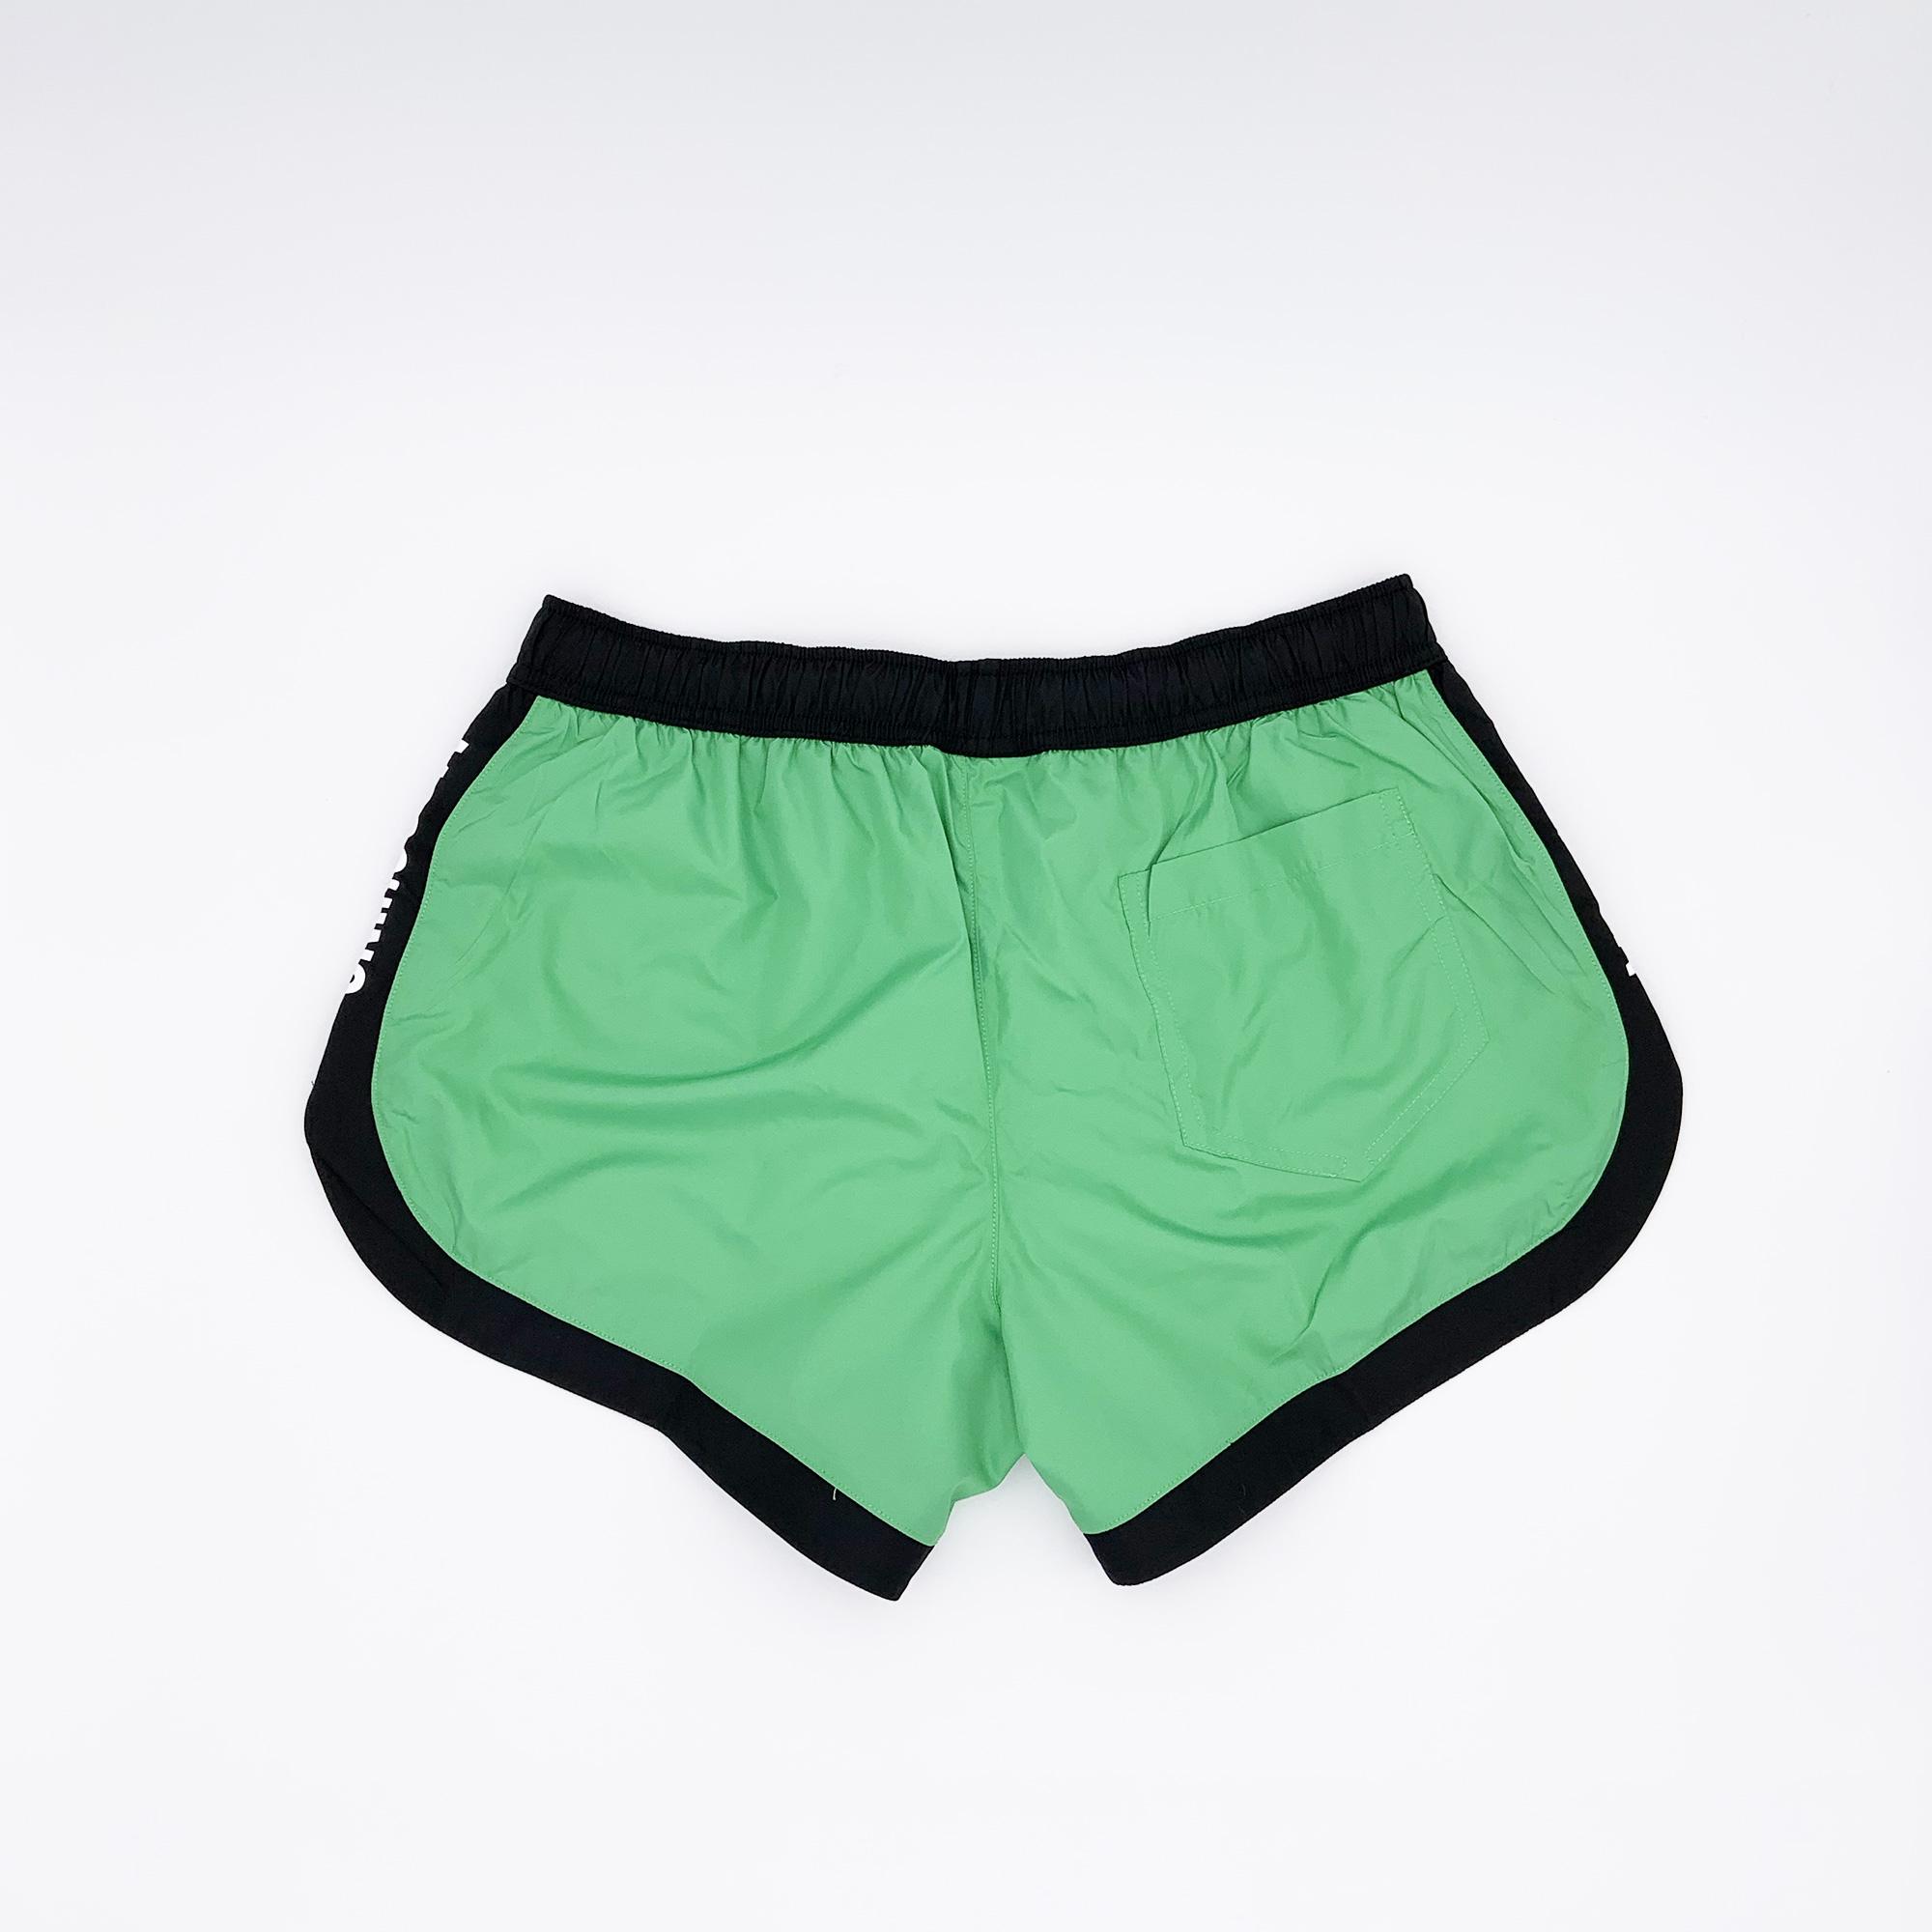 Costume boxer bicolore - Verde